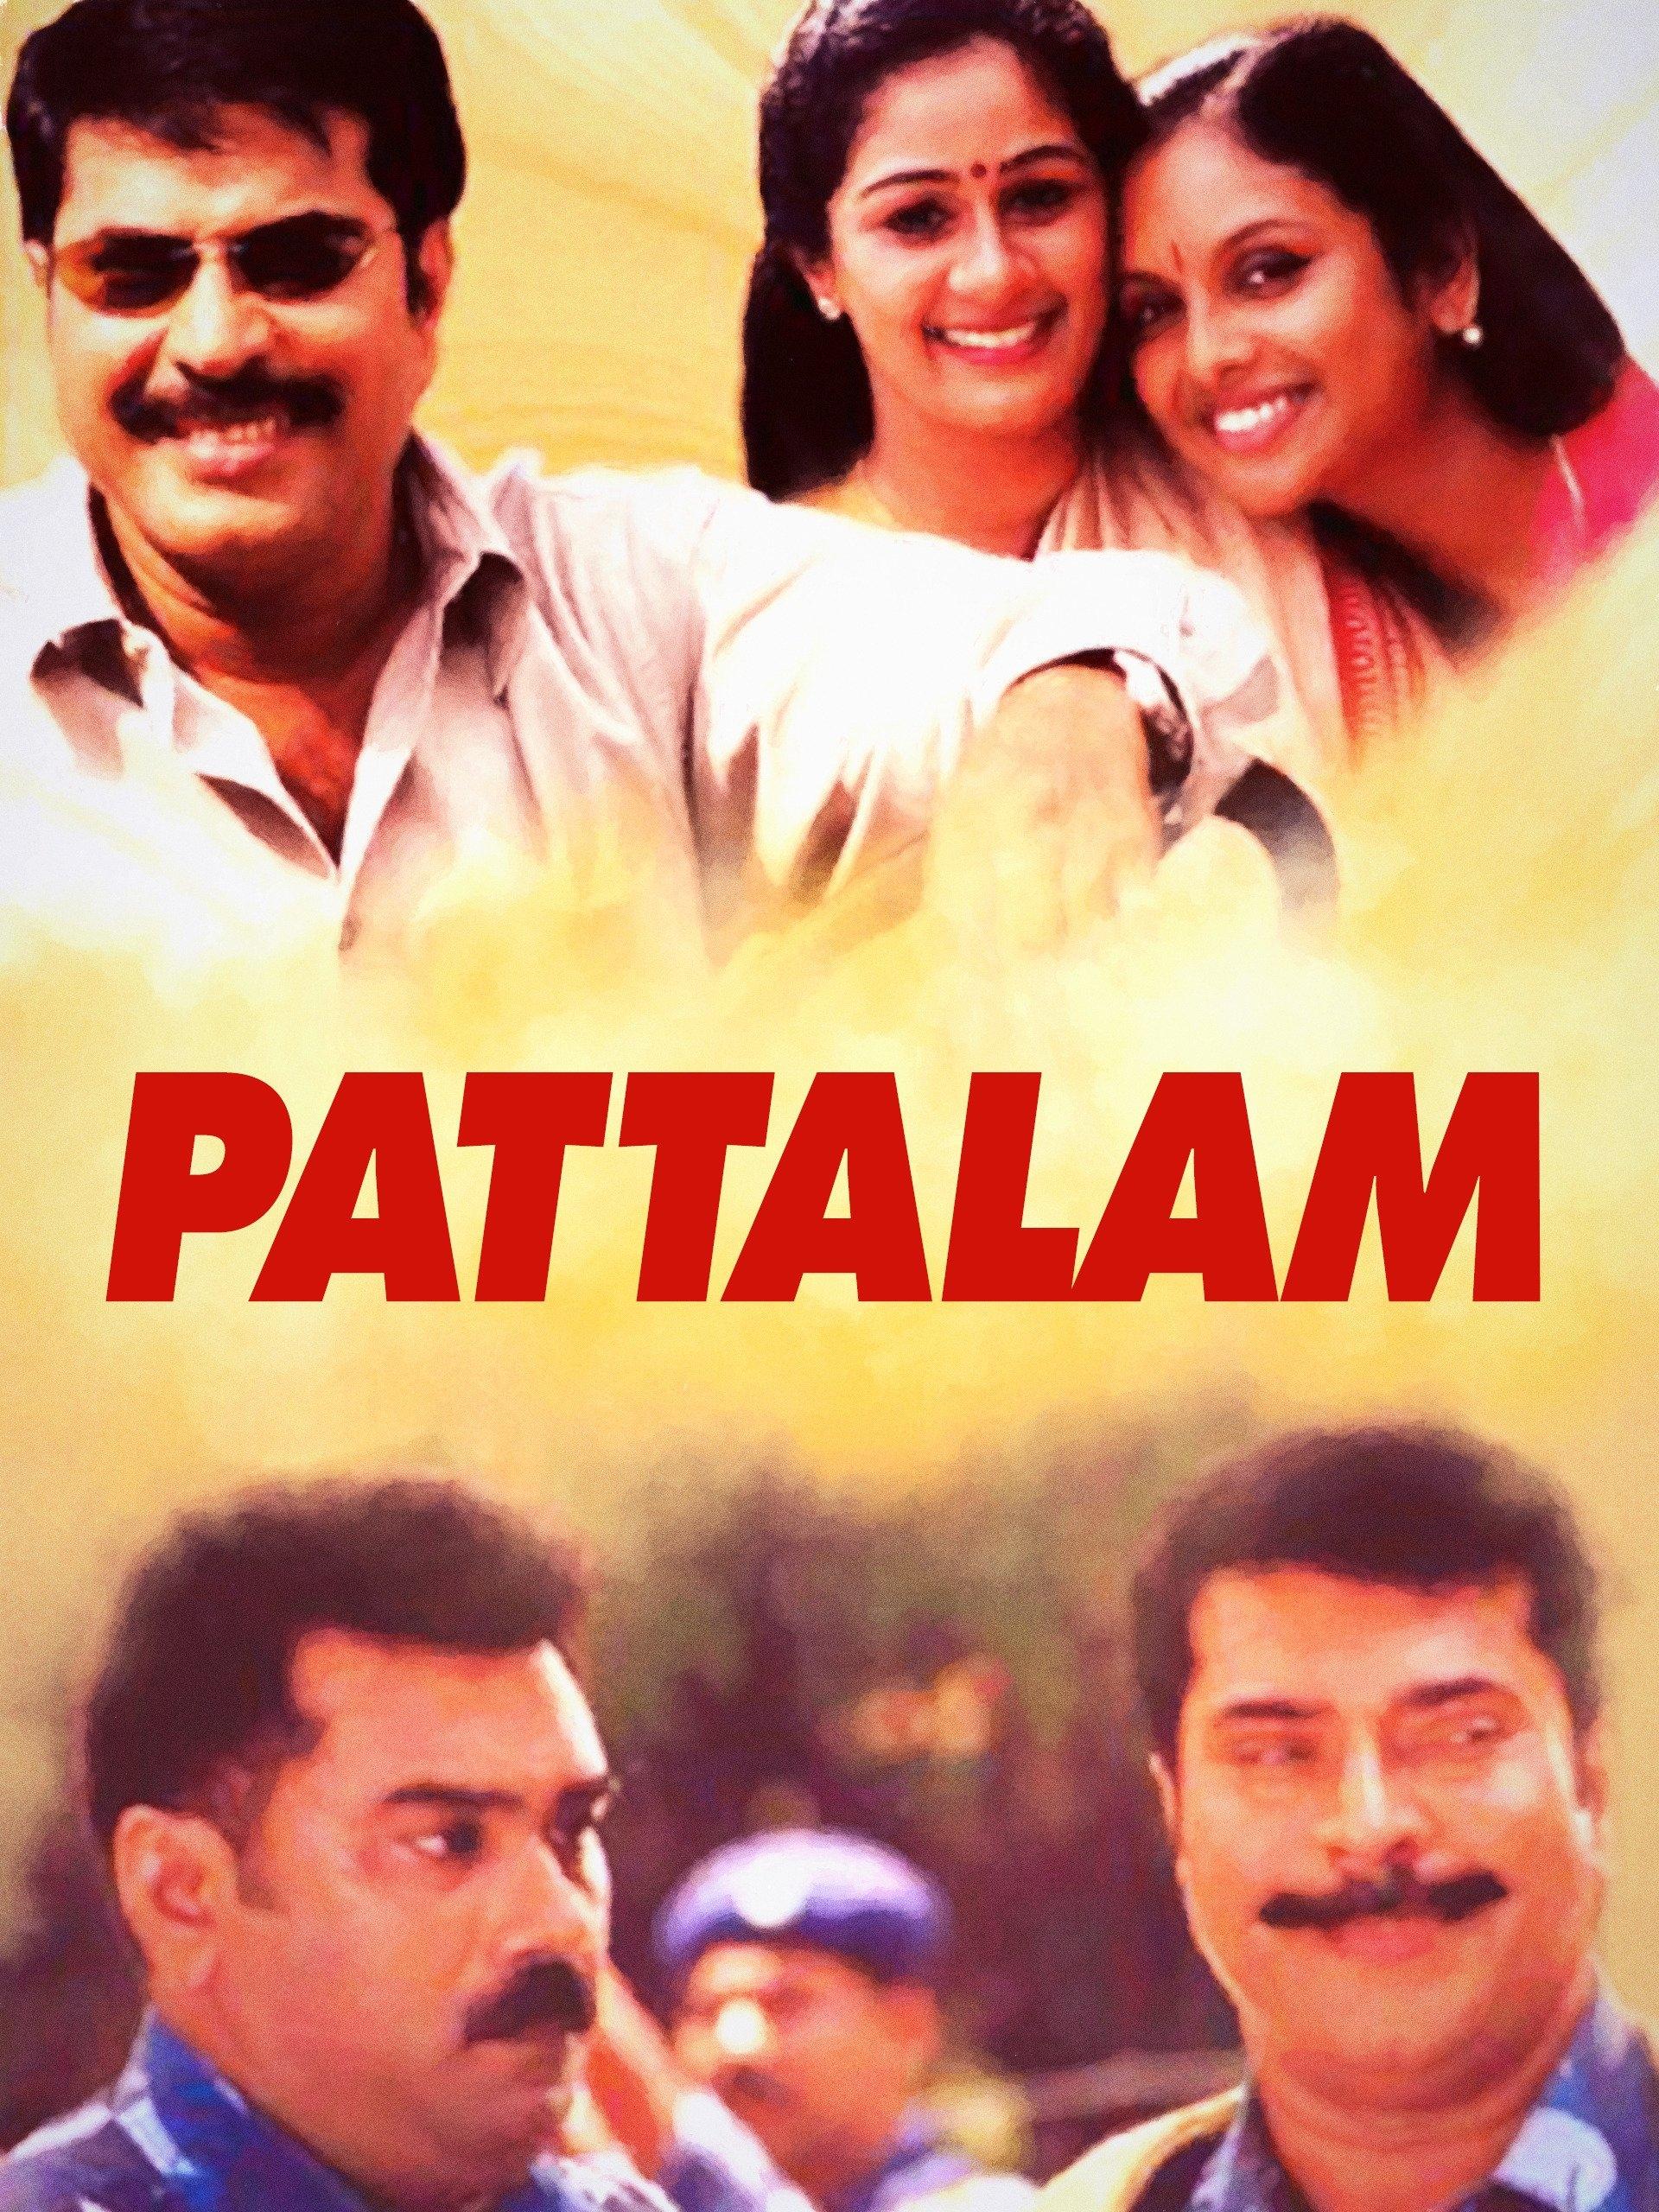 pattalam movie scenes new